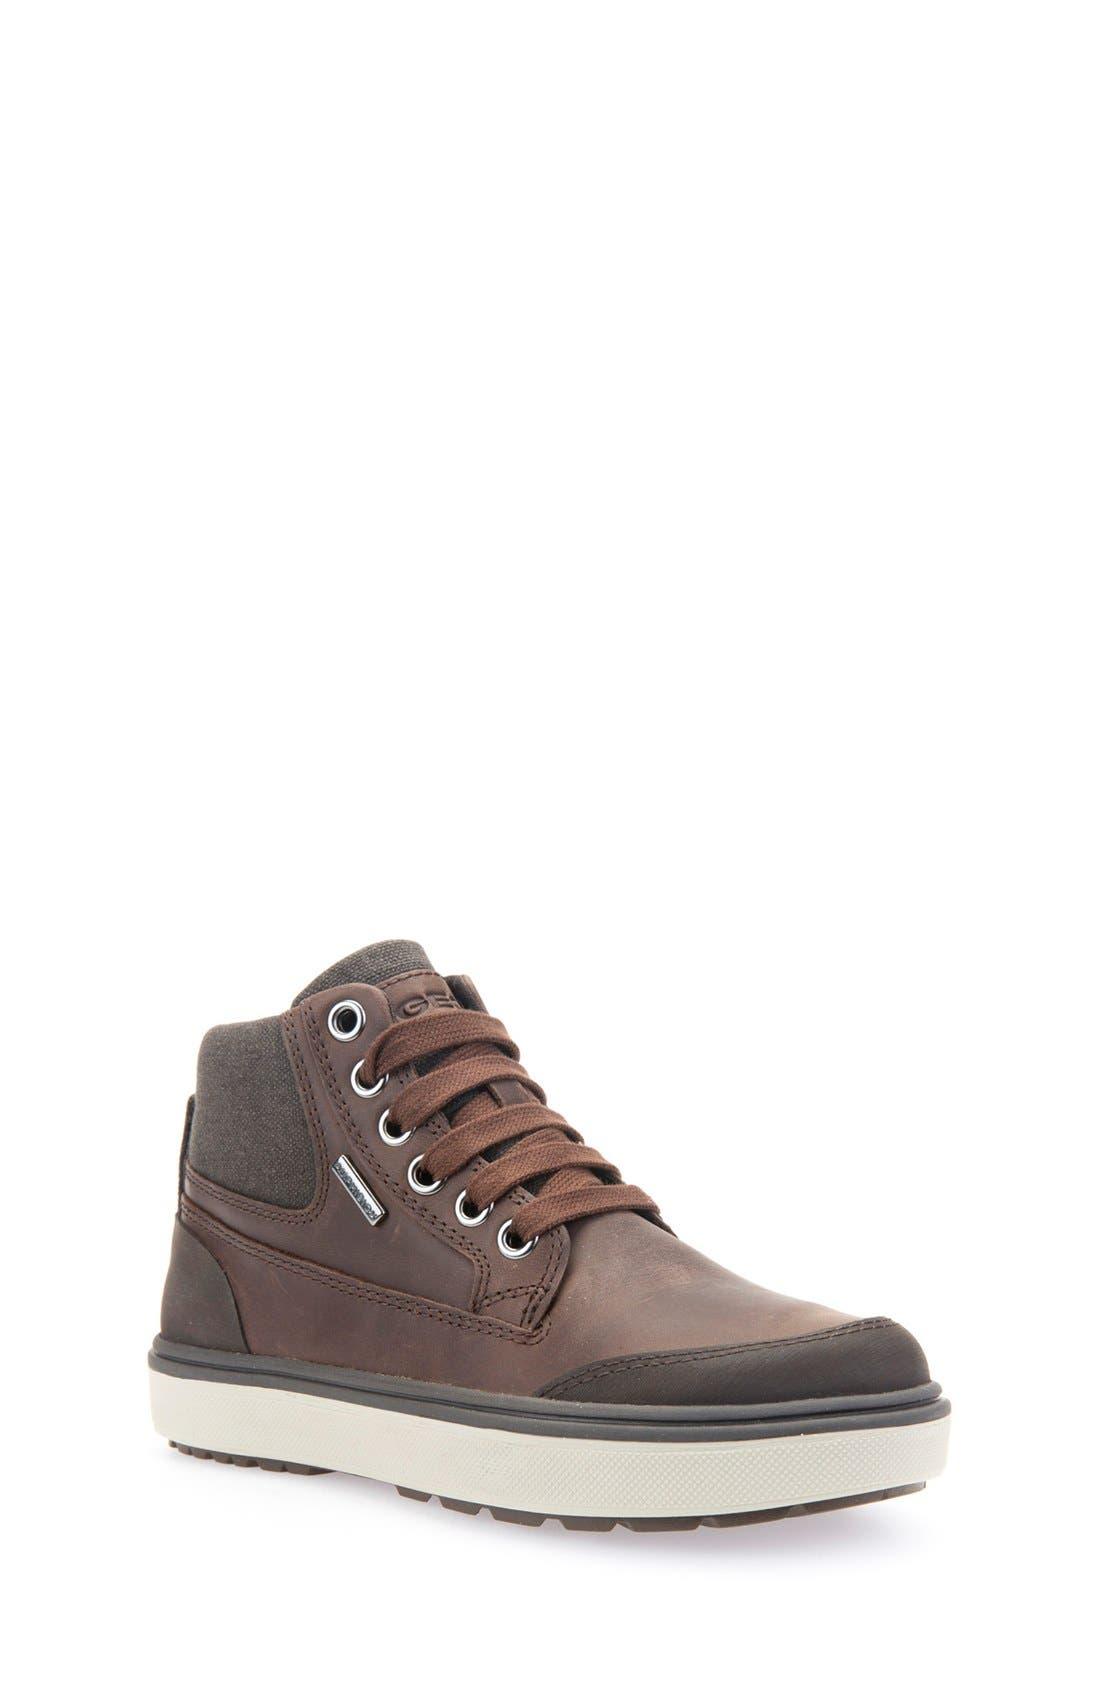 GEOX 'Mattias - ABX' Amphibiox® Waterproof Sneaker